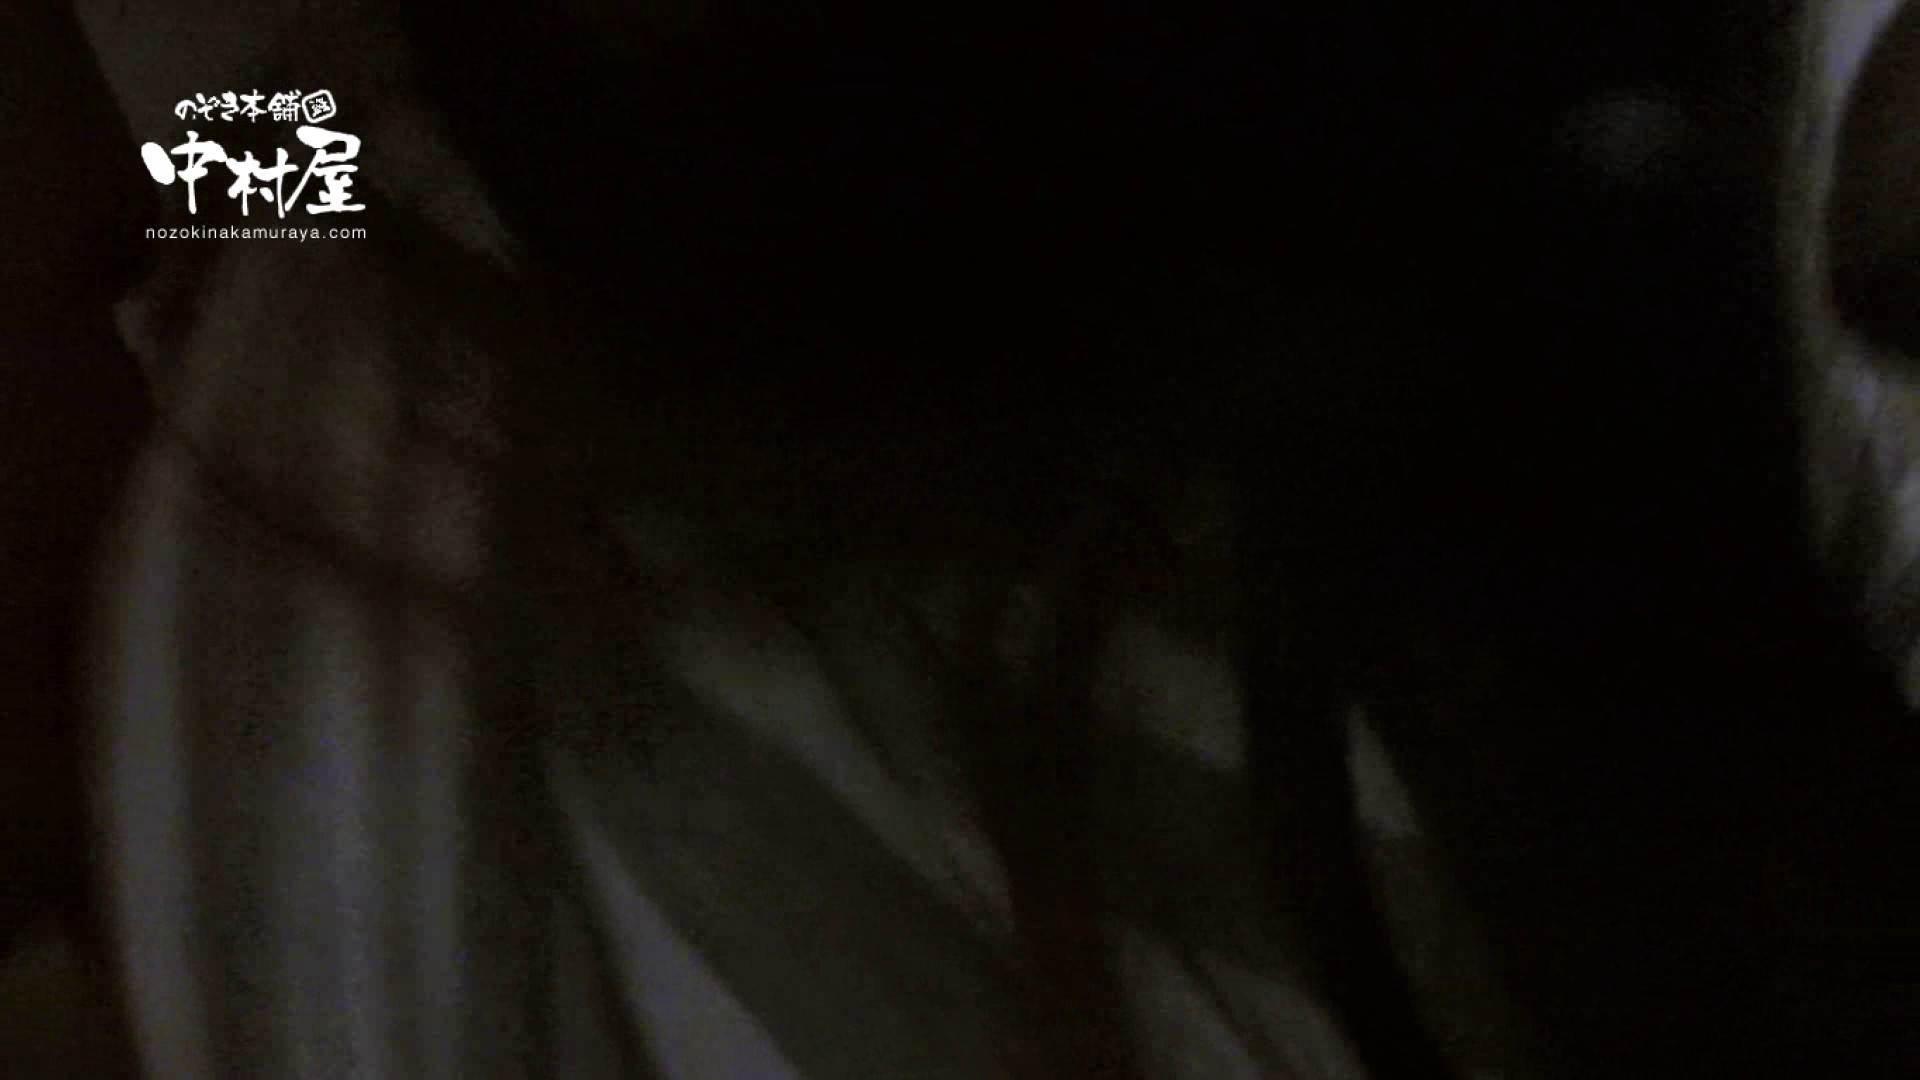 鬼畜 vol.05 誰にも言うなよ! はぃ… 前編 OL女体  103連発 32